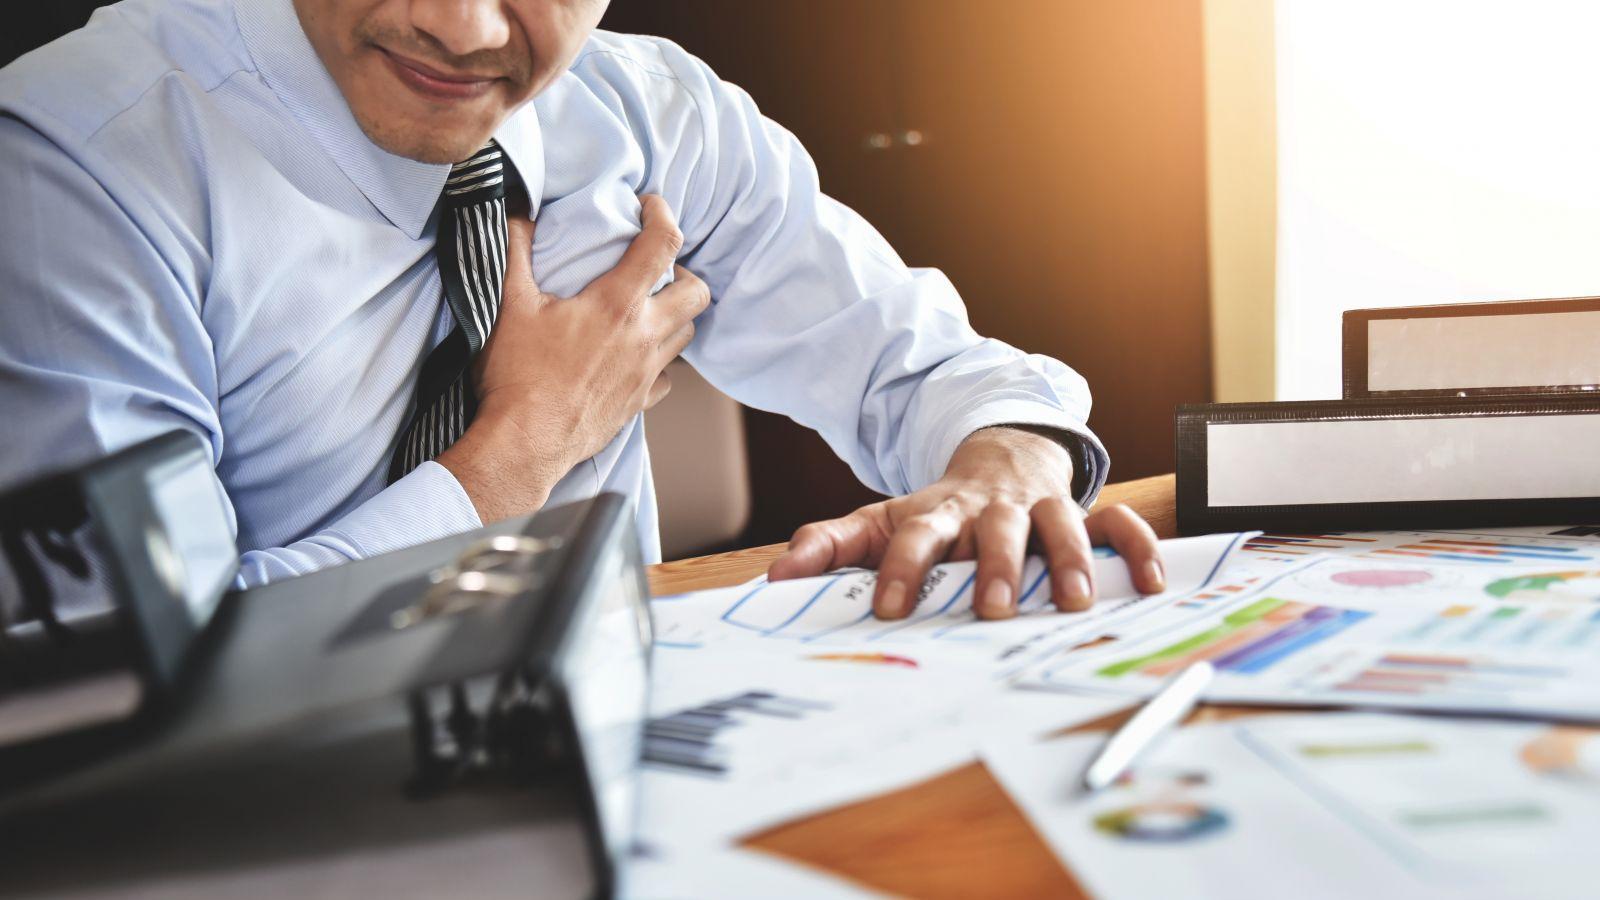 Кто много работает, чаще зарабатывает повторный инфаркт